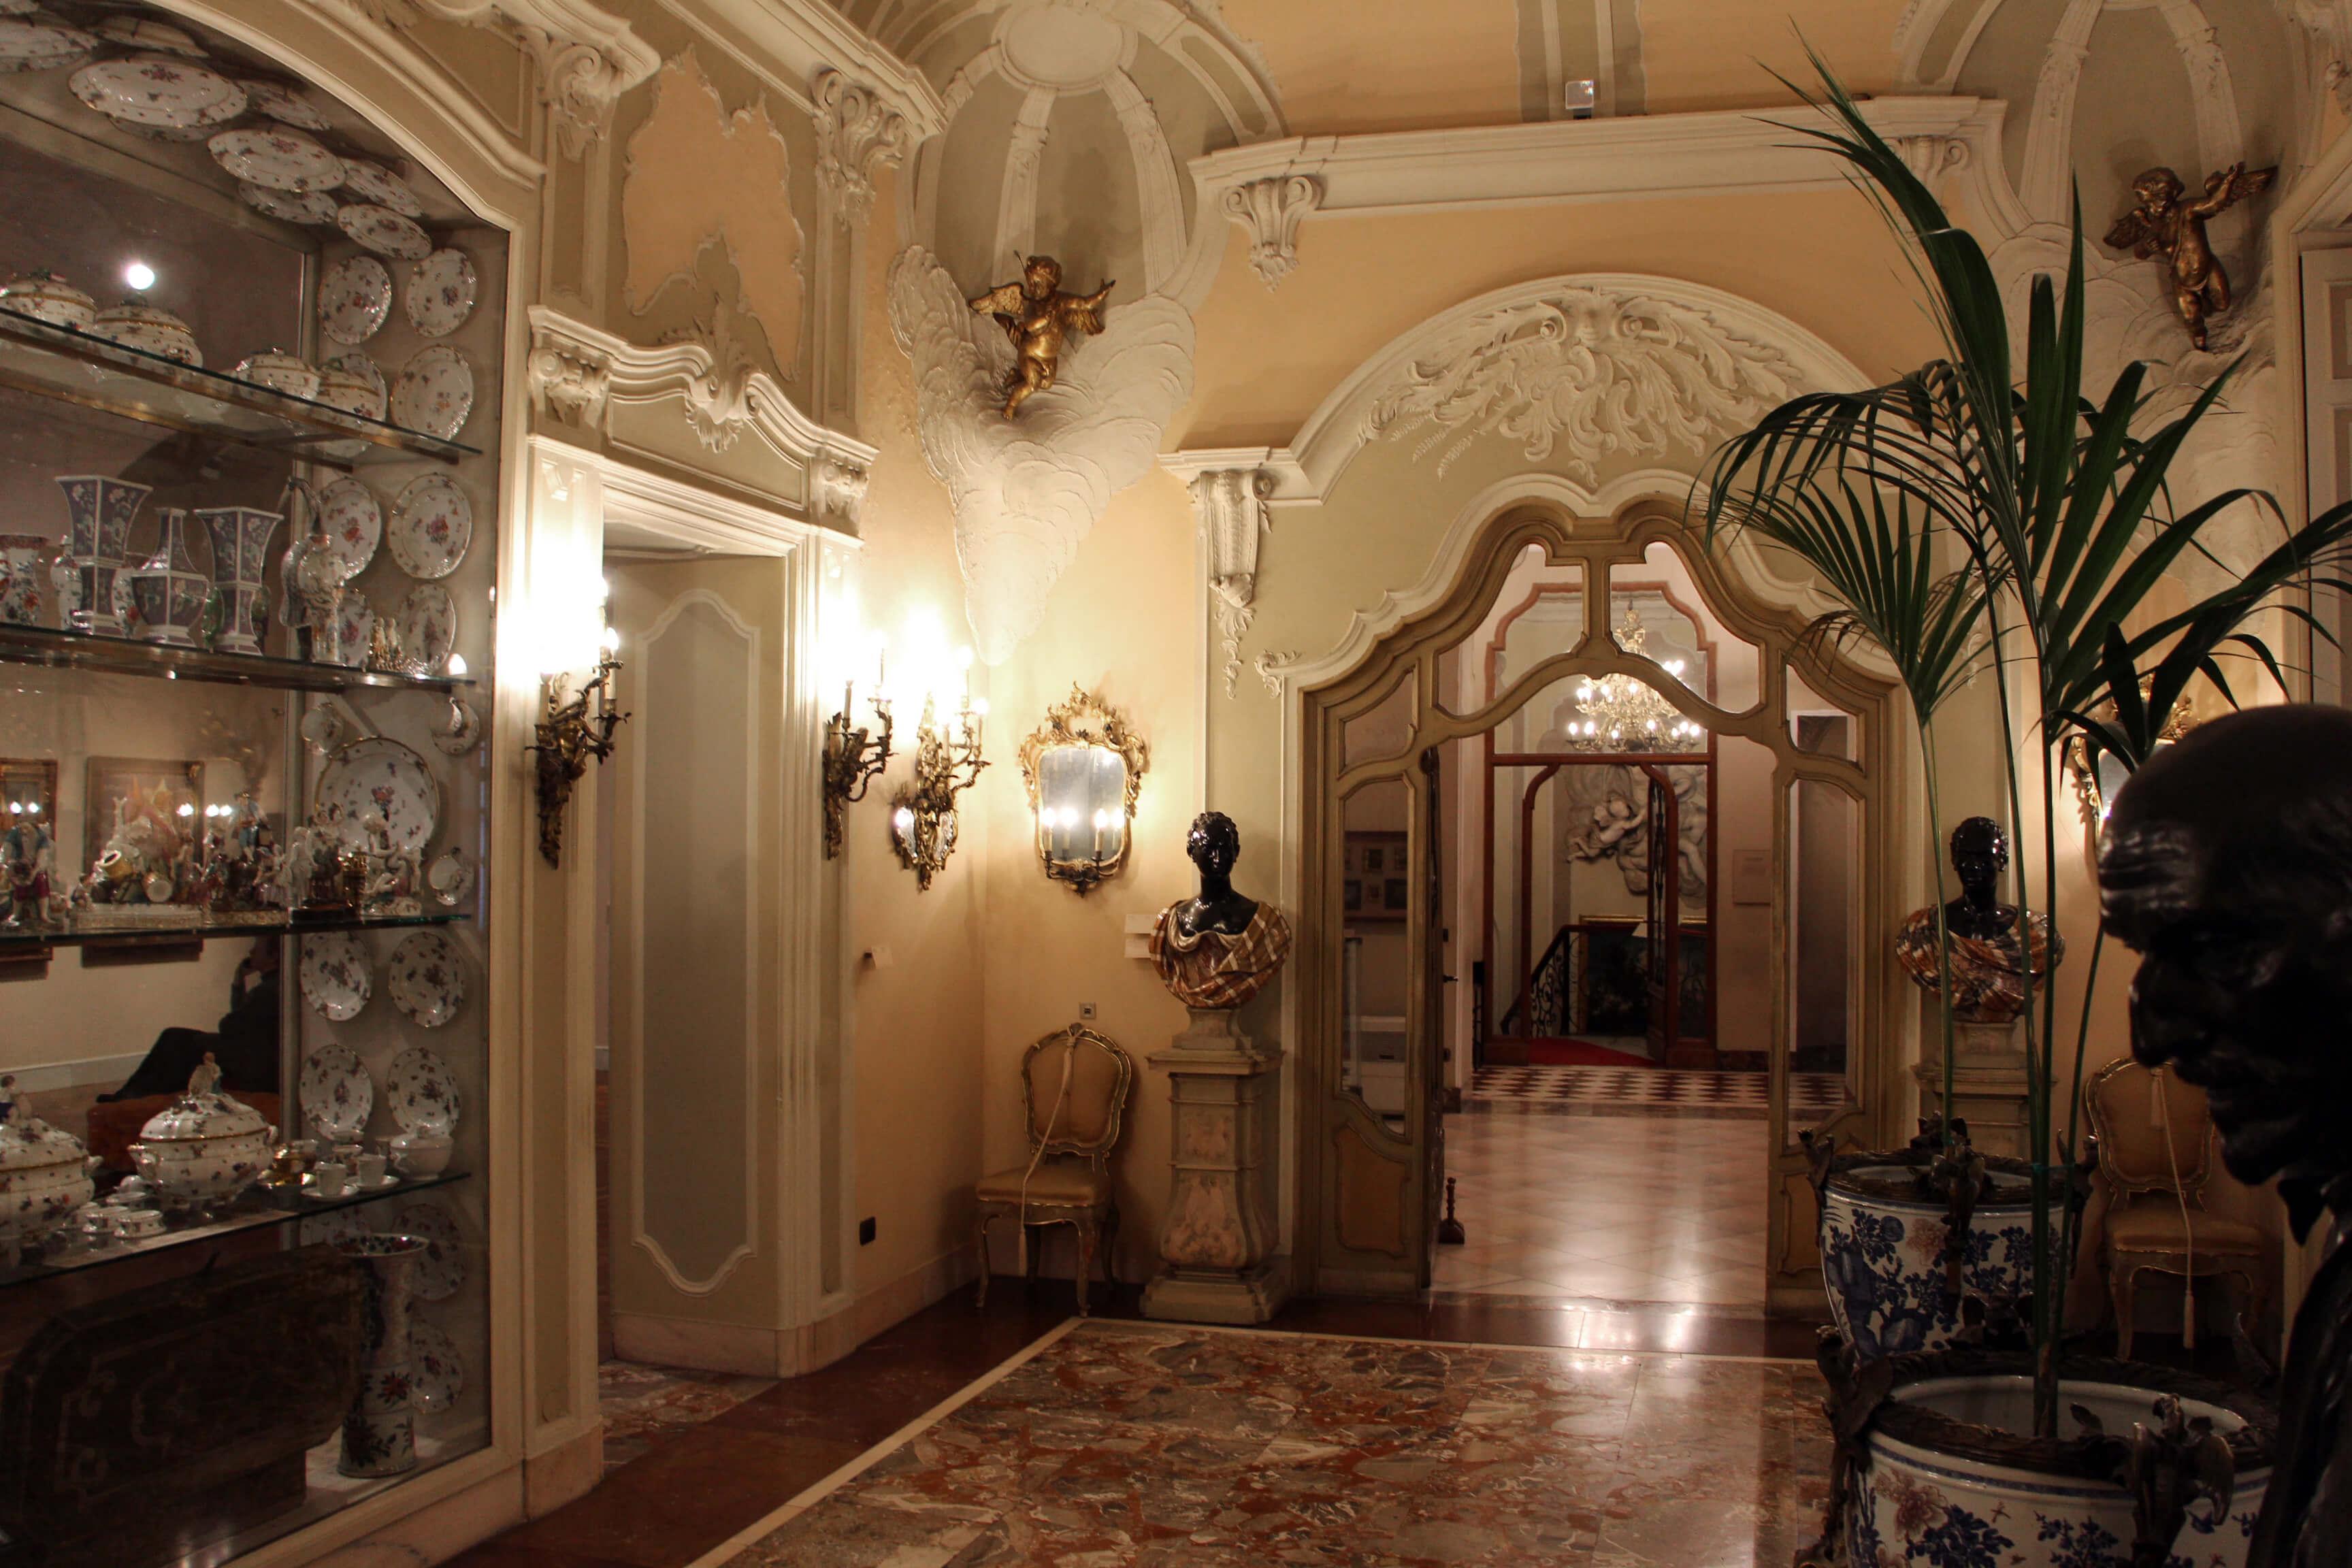 Casa Poldi Pezzoli